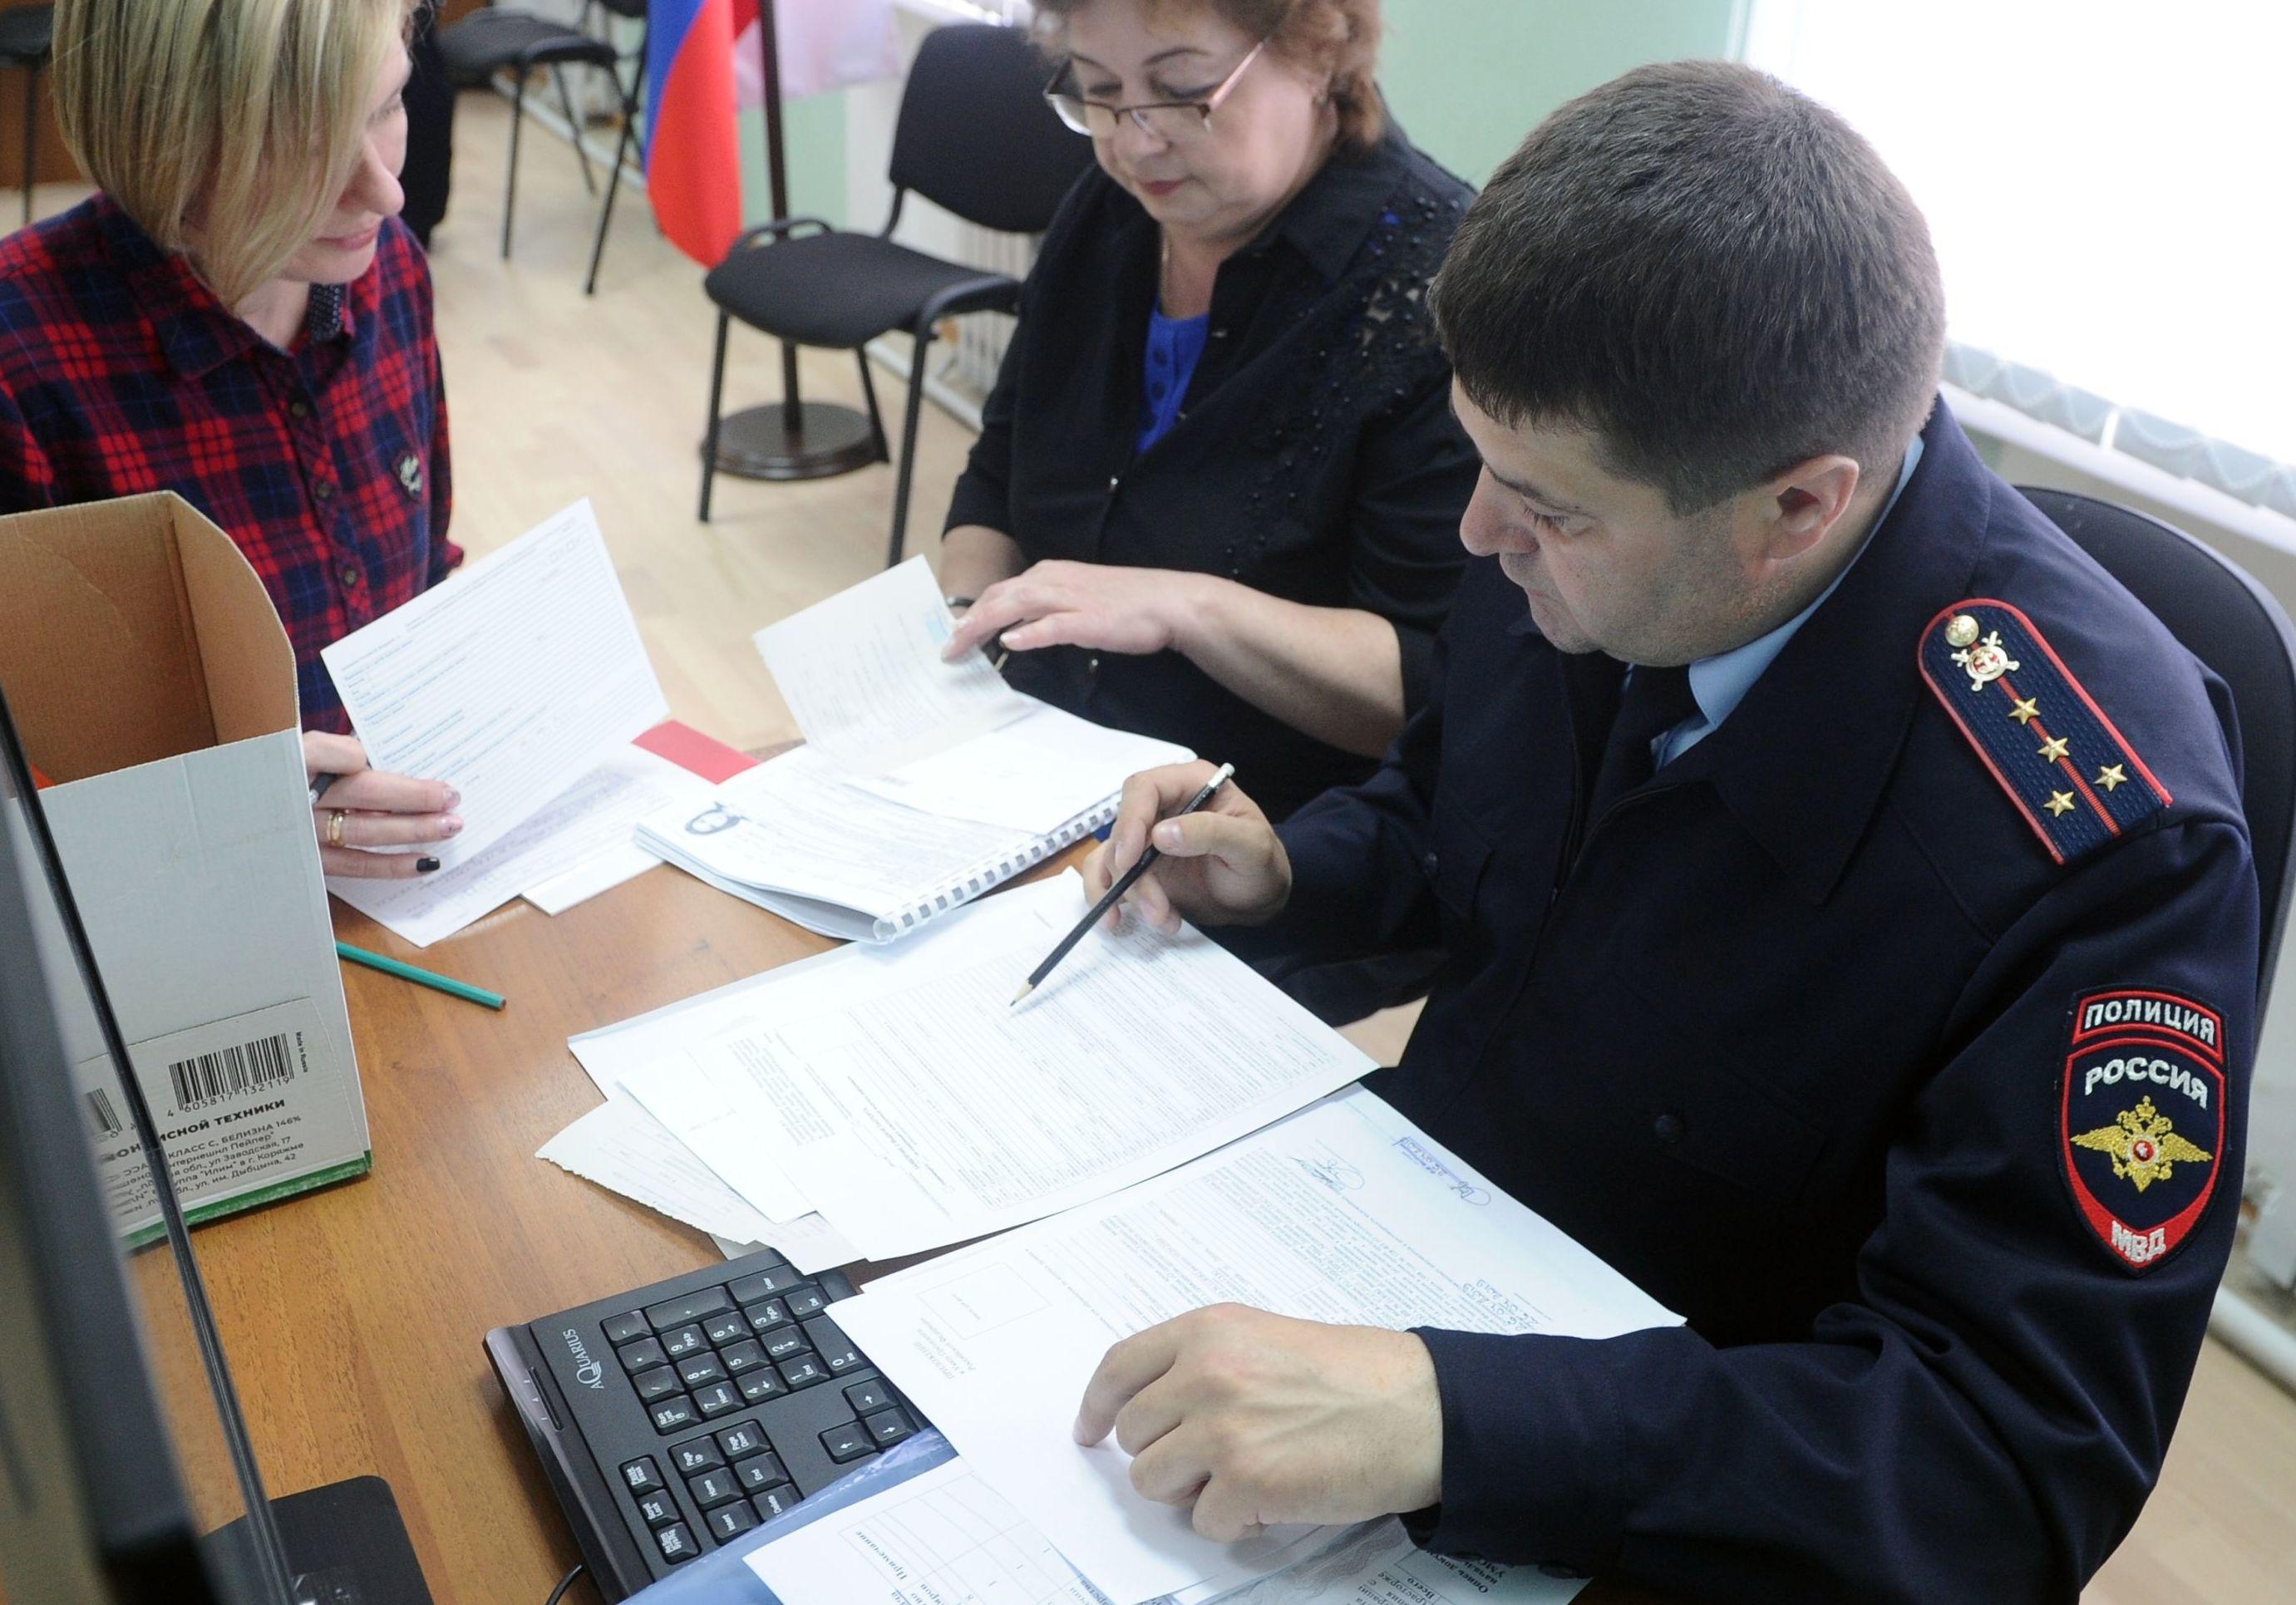 Россия готовится выдавать по 4-5 тысяч паспортов в день для жителей ДНР и ЛНР